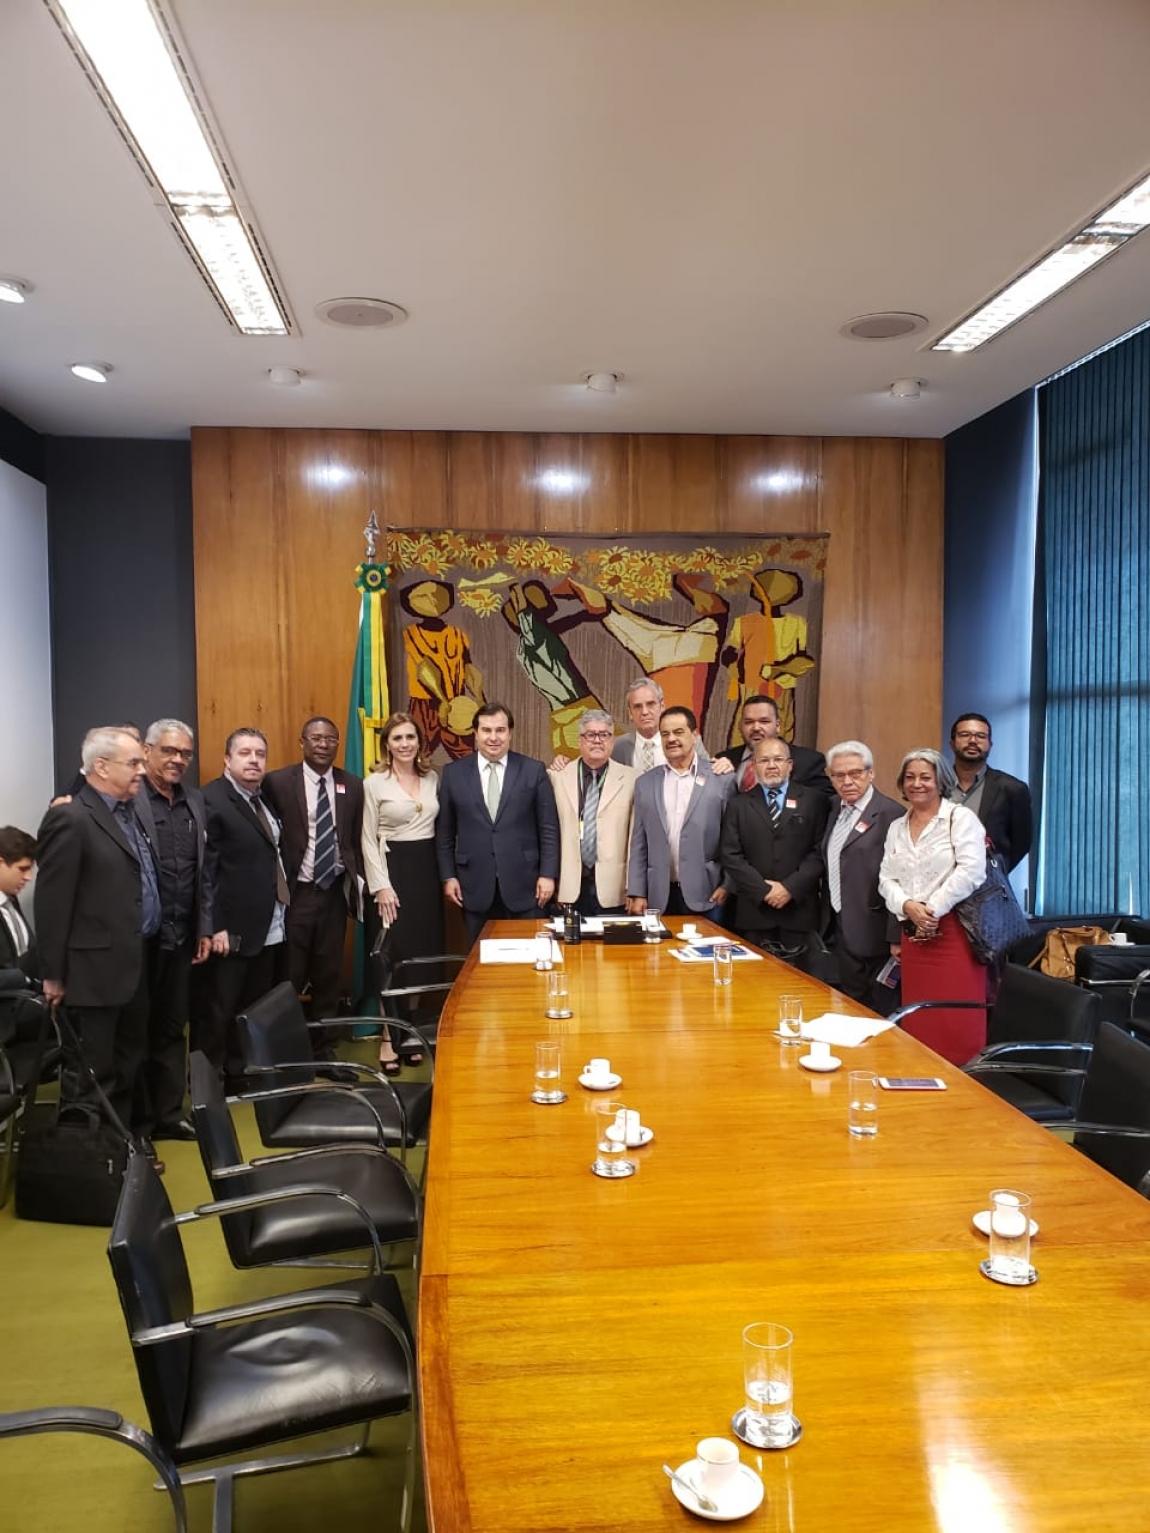 Imagem de Brasília: Portuários debatem futuro do Portus em audiência com presidente da Câmara Rodrigo Maia